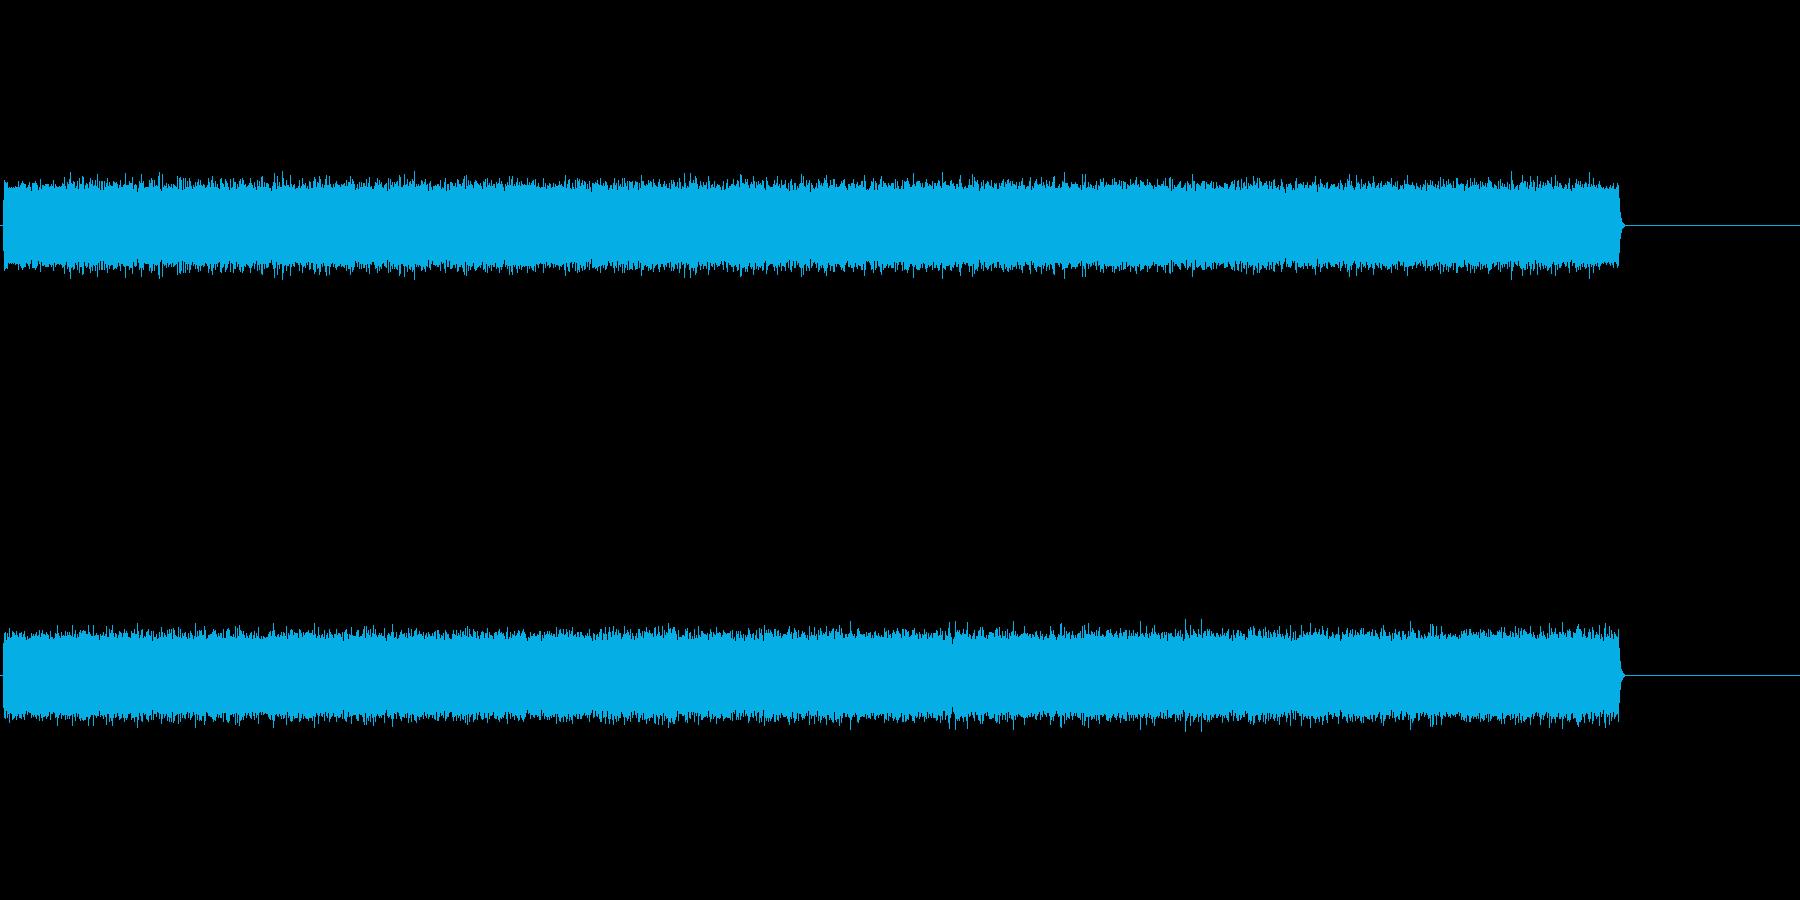 ザーーーーの再生済みの波形